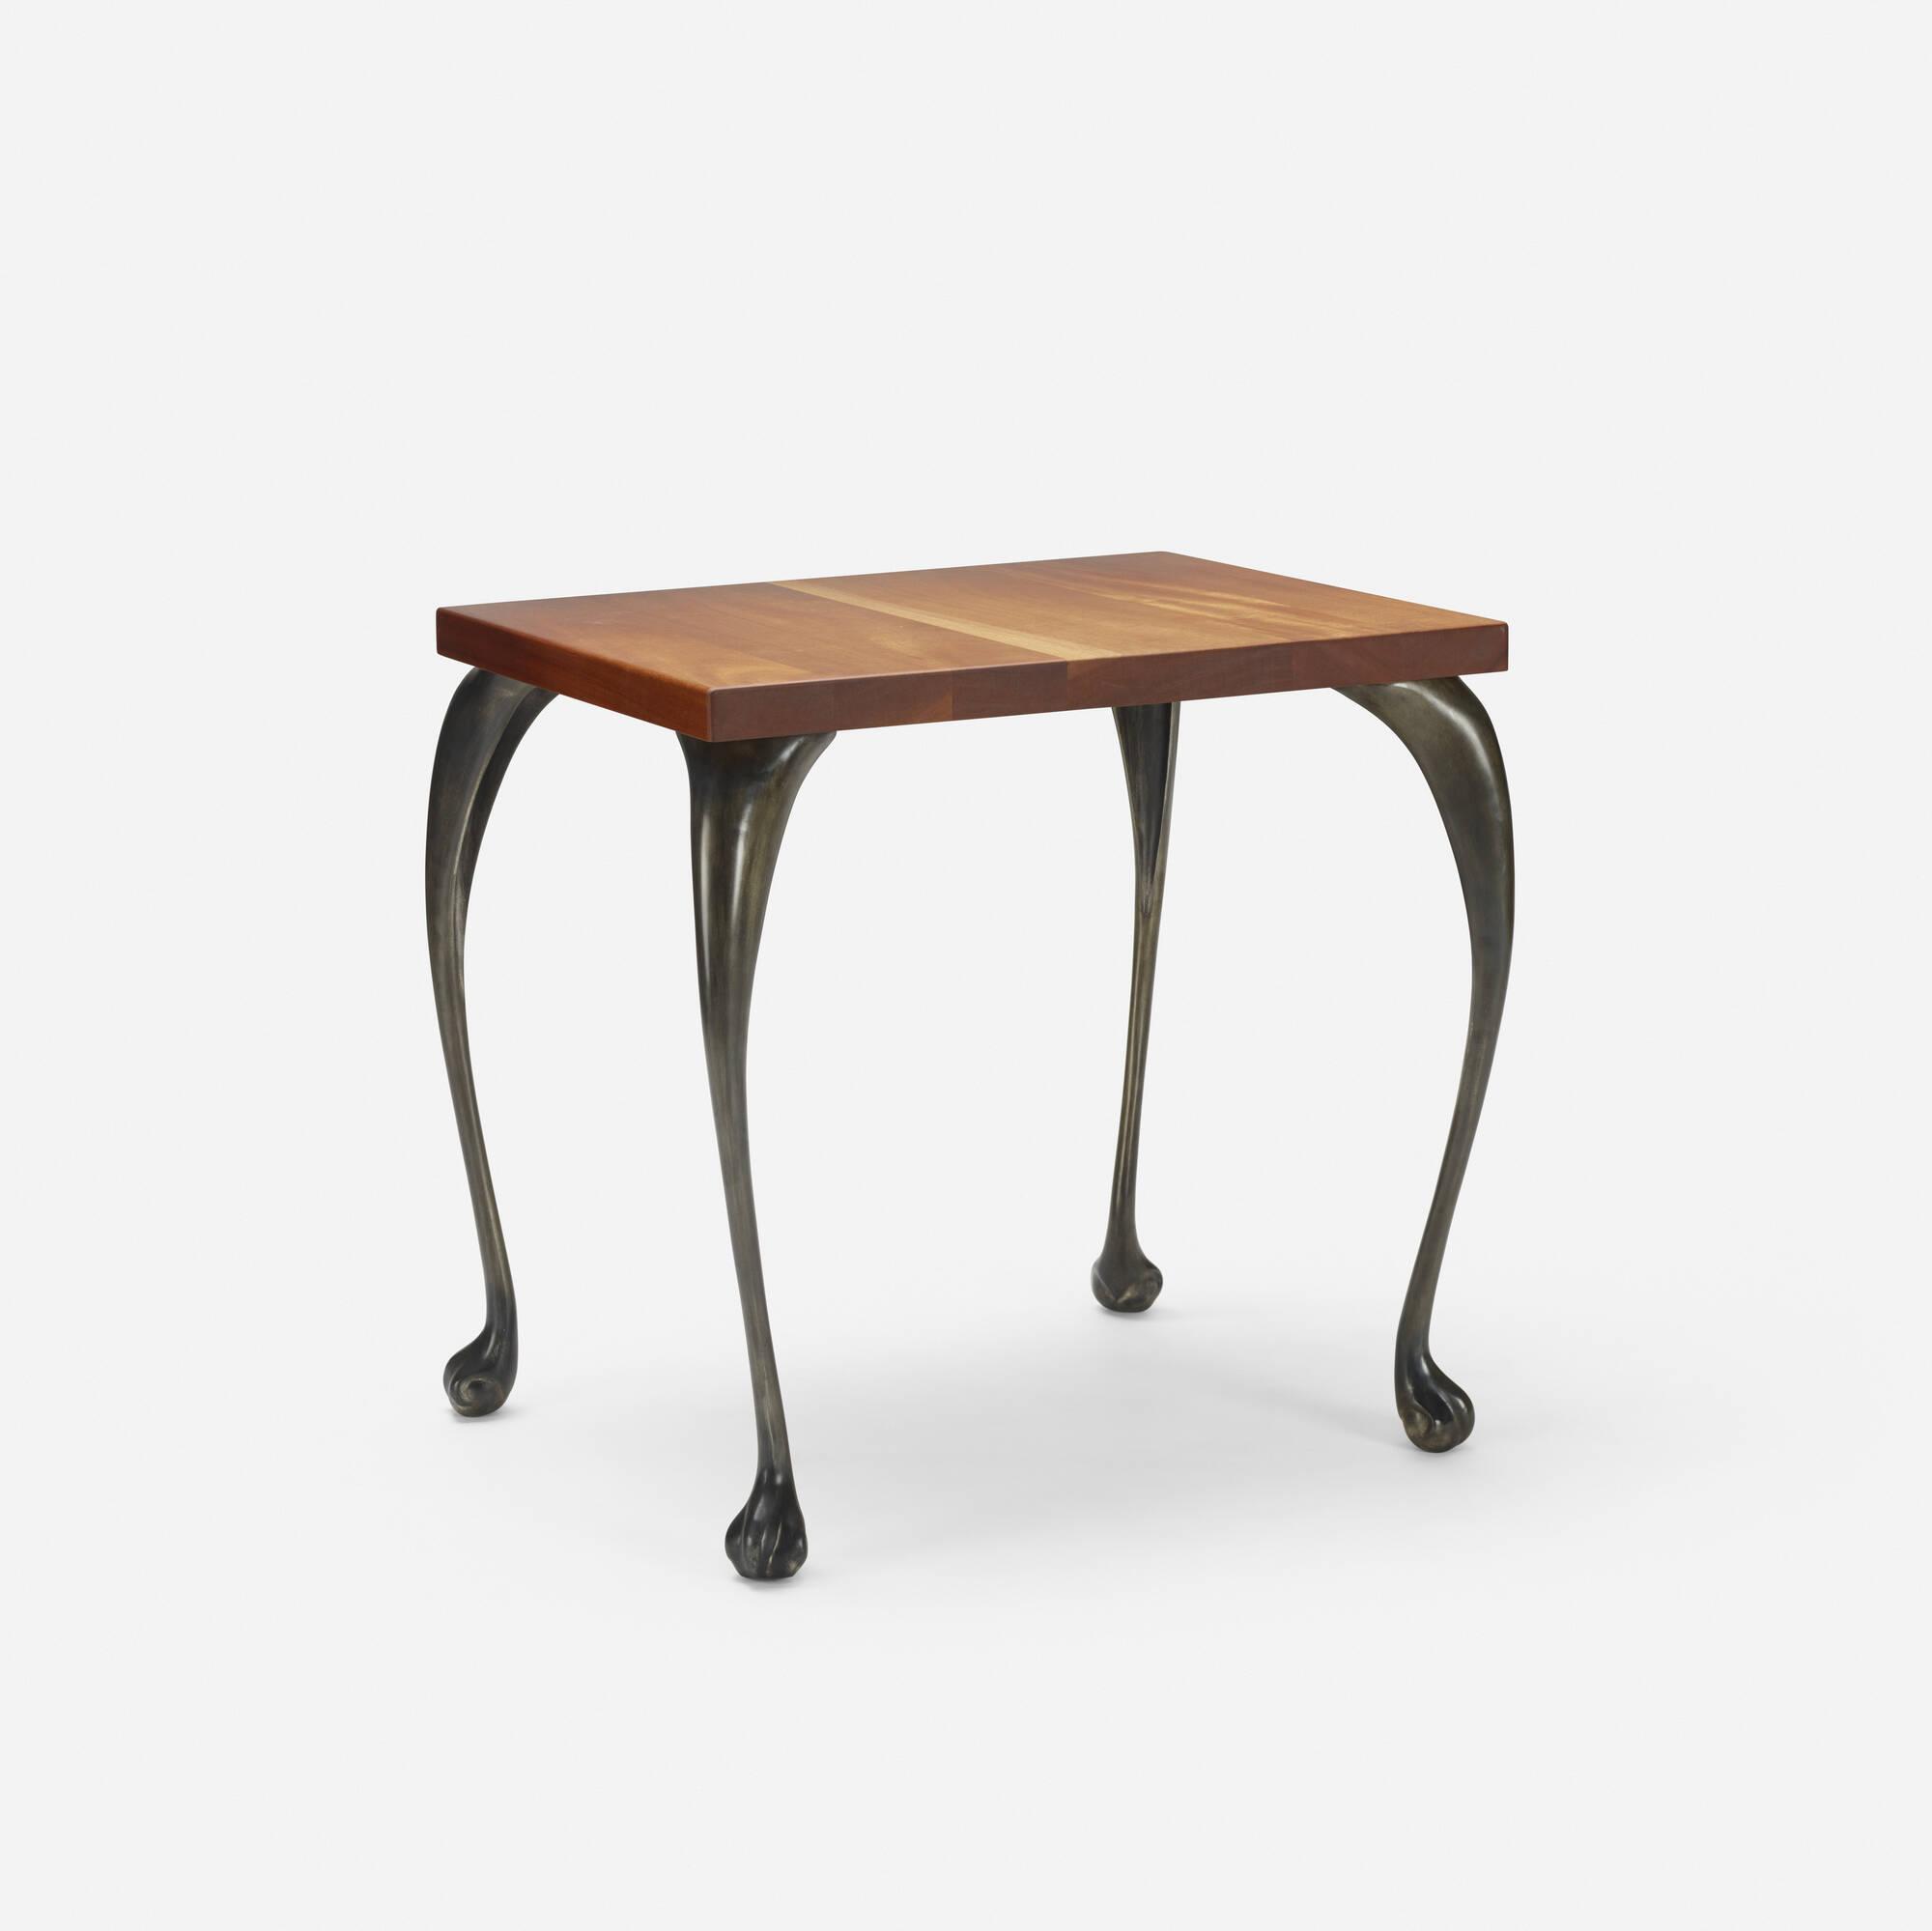 207: Jordan Mozer / Danieli Dining table (1 of 2)